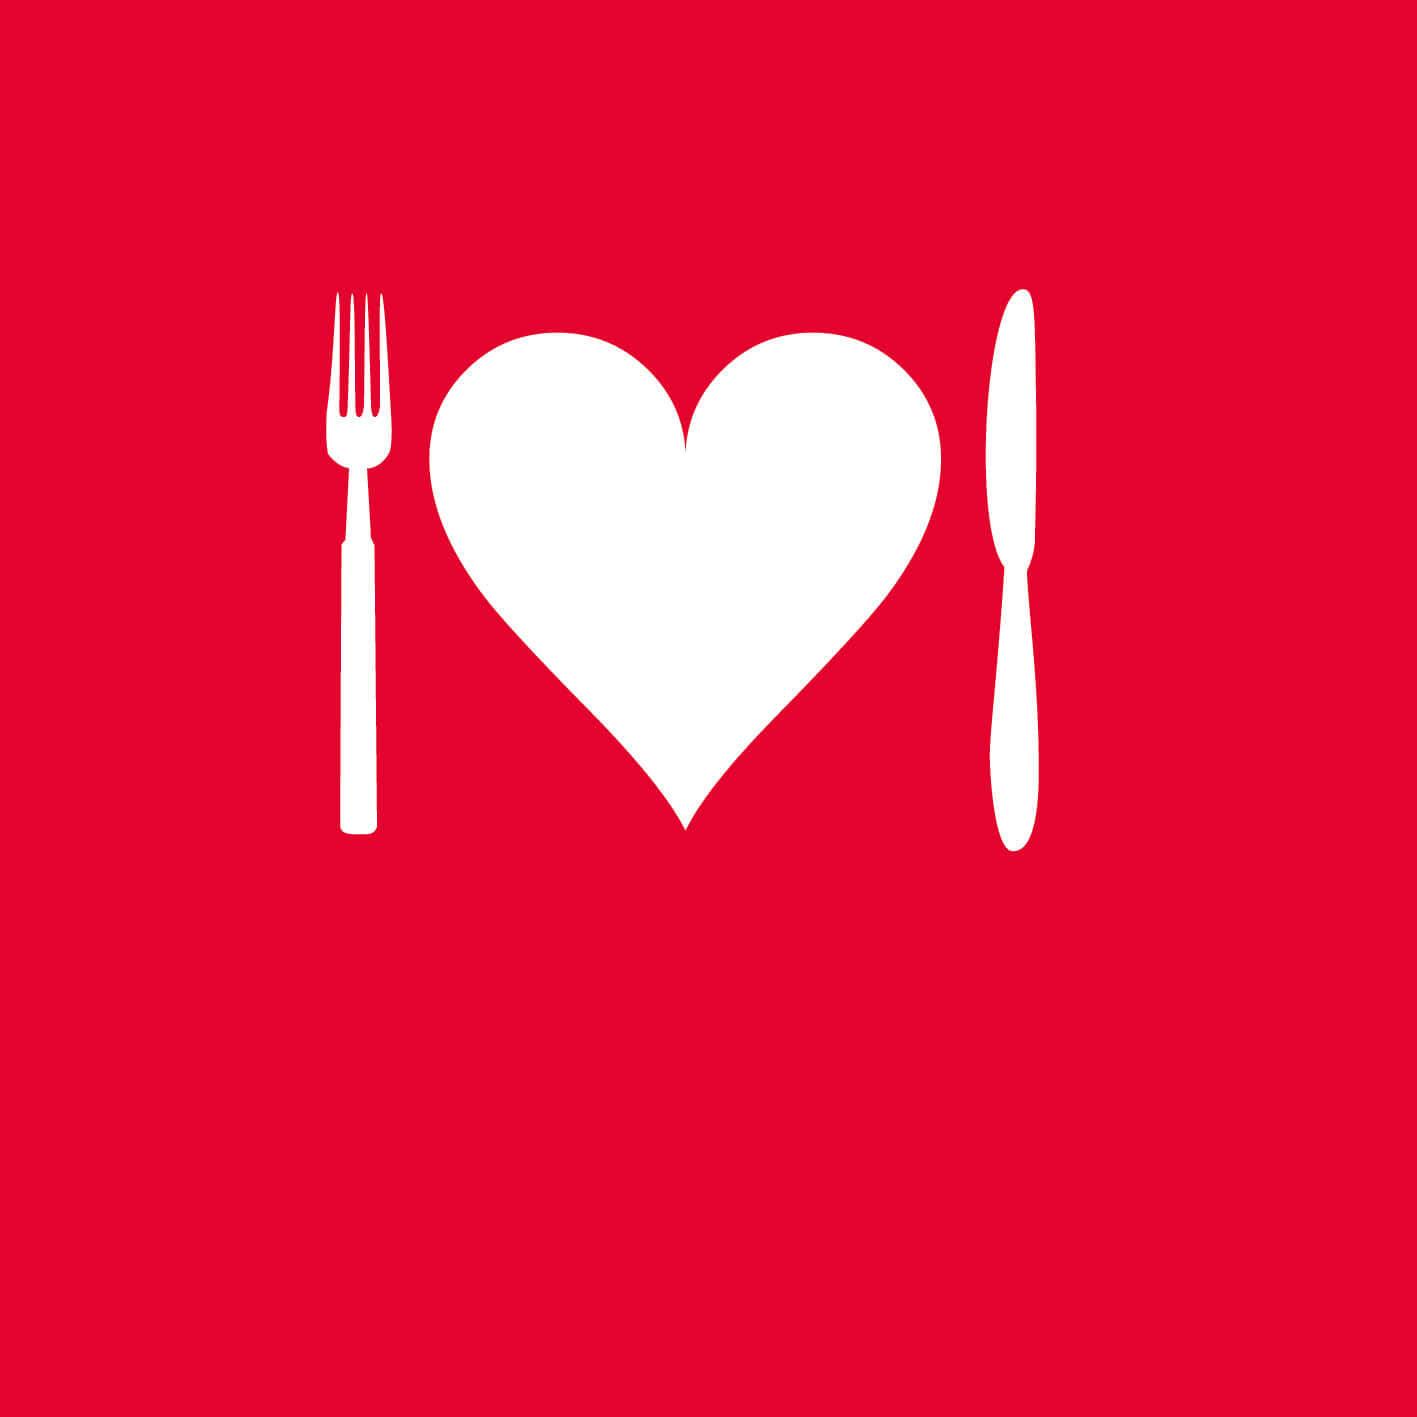 støt det kærlige måltid og syge mennesker